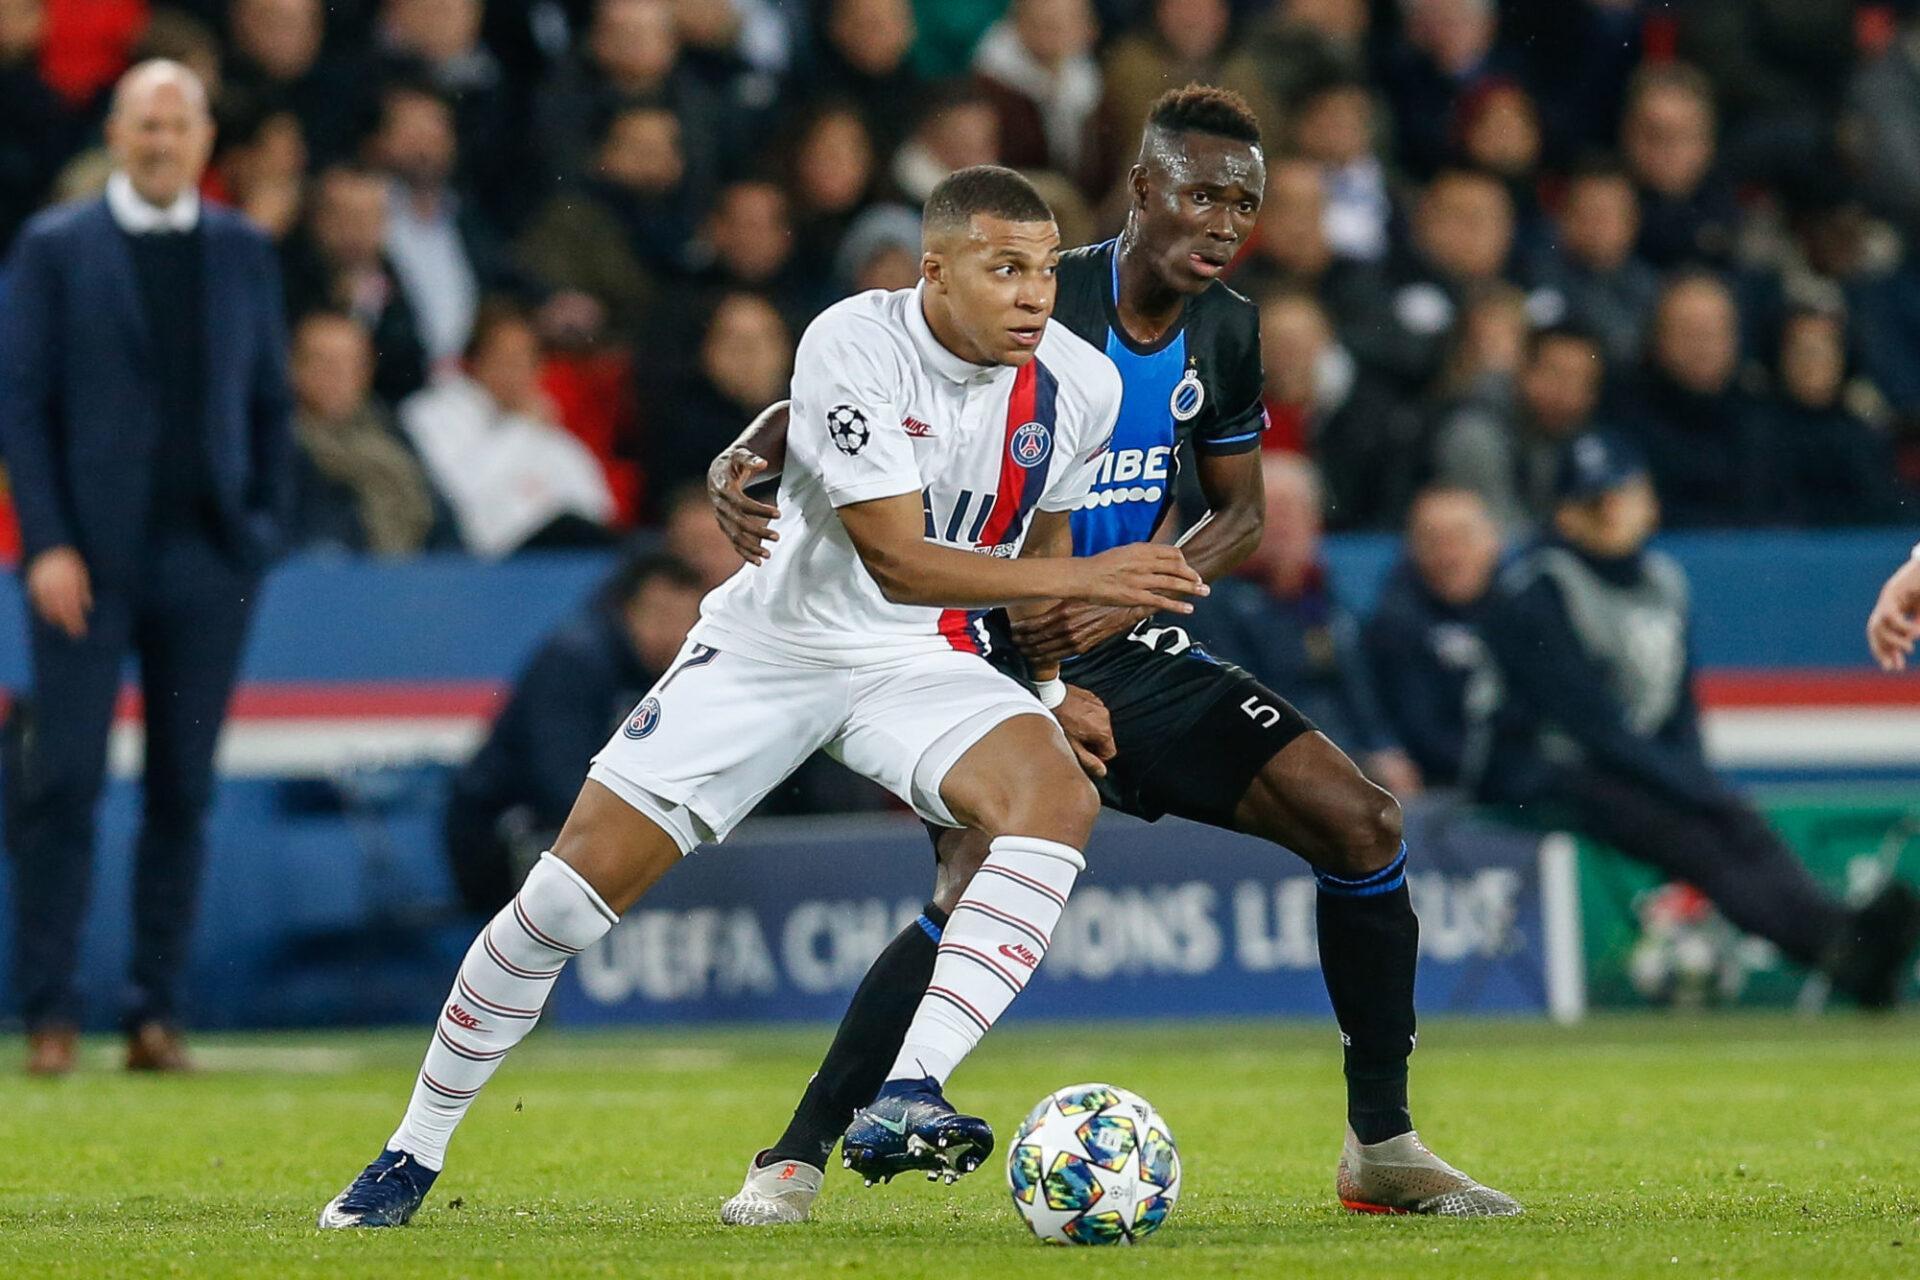 En 2019, Odilon Kossounou a dû se coltiner Kylian Mbappé et le PSG, alors qu'il avait seulement 18 ans, qu'il effectuait son baptême du feu en Ligue des champions et qu'il dépannait à un poste inédit de latéral droit ! Icon Sport